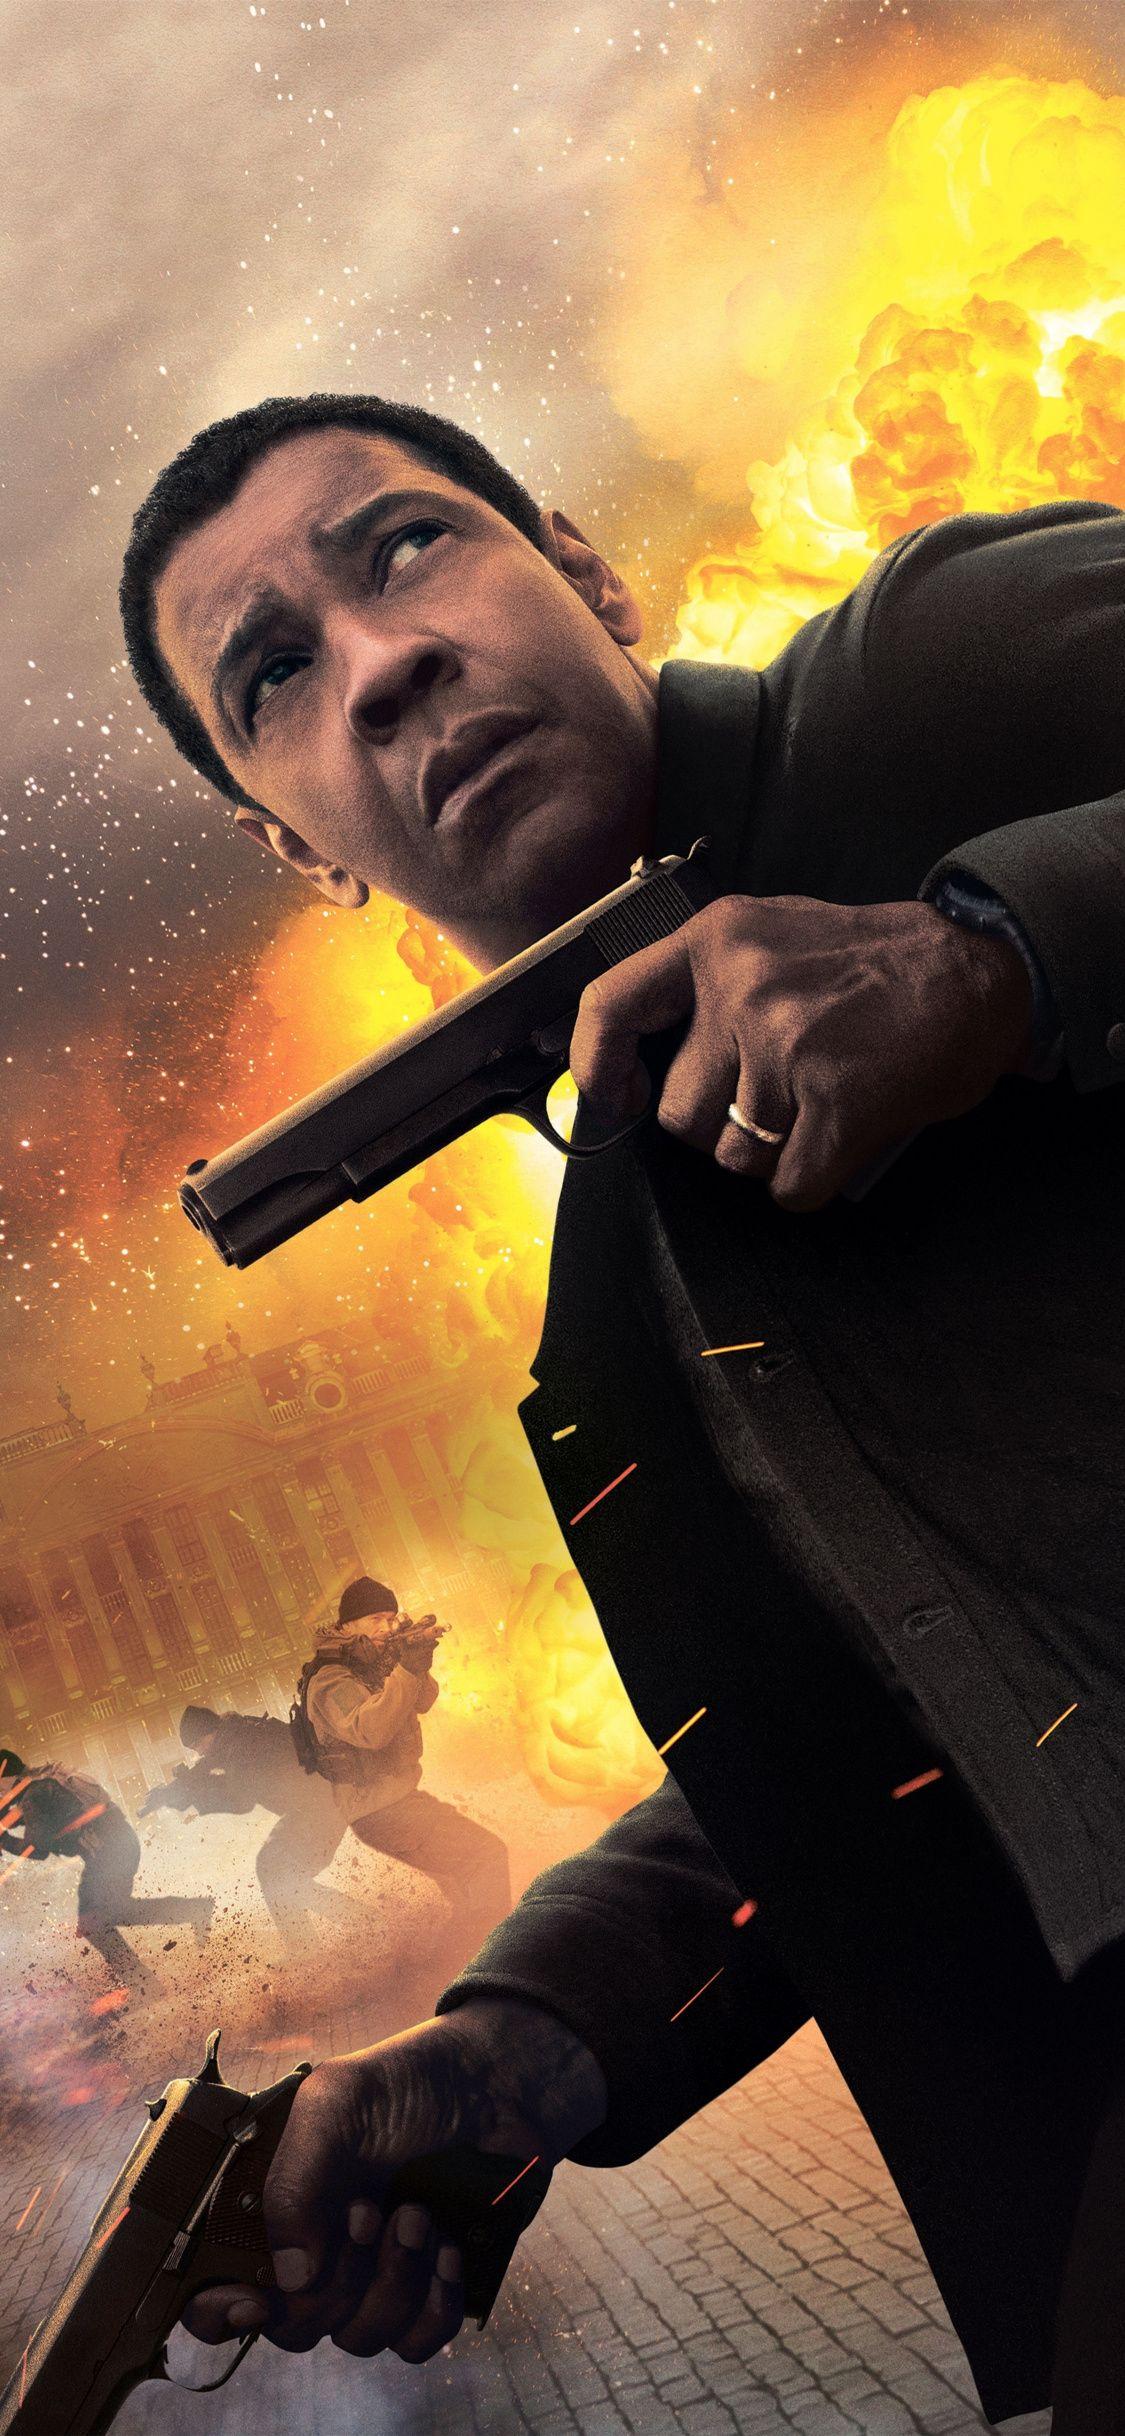 The Equalizer 2, 2018 Movie, Denzel Washington, Wallpaper - Equalizer 2 Movie Background , HD Wallpaper & Backgrounds